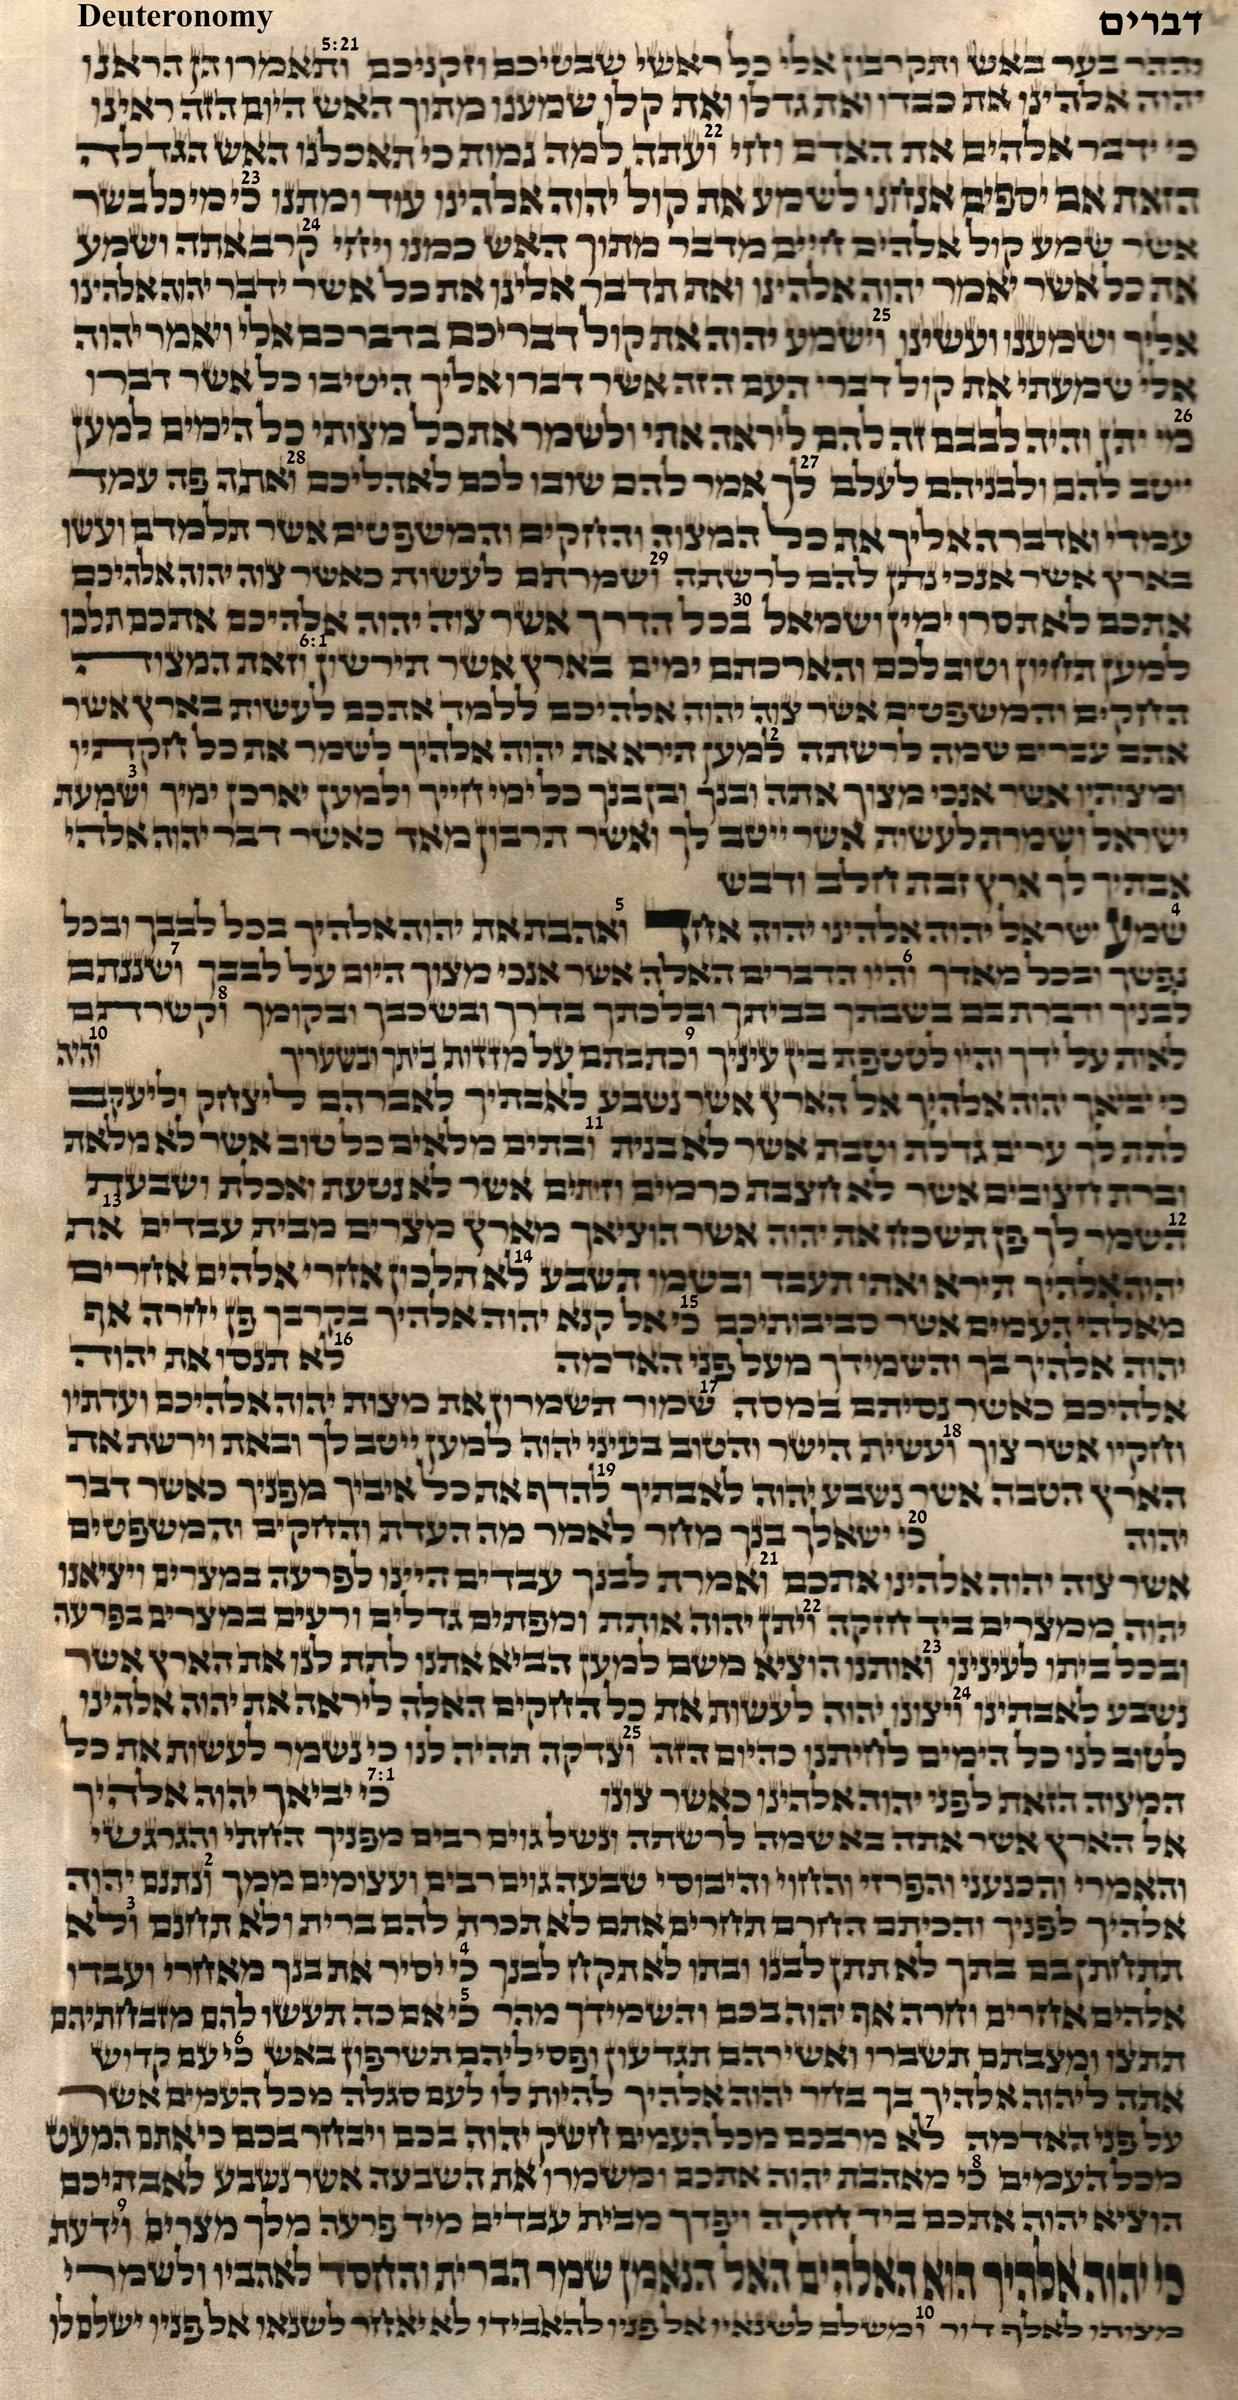 Deuteronomy 5.21 - 7.10